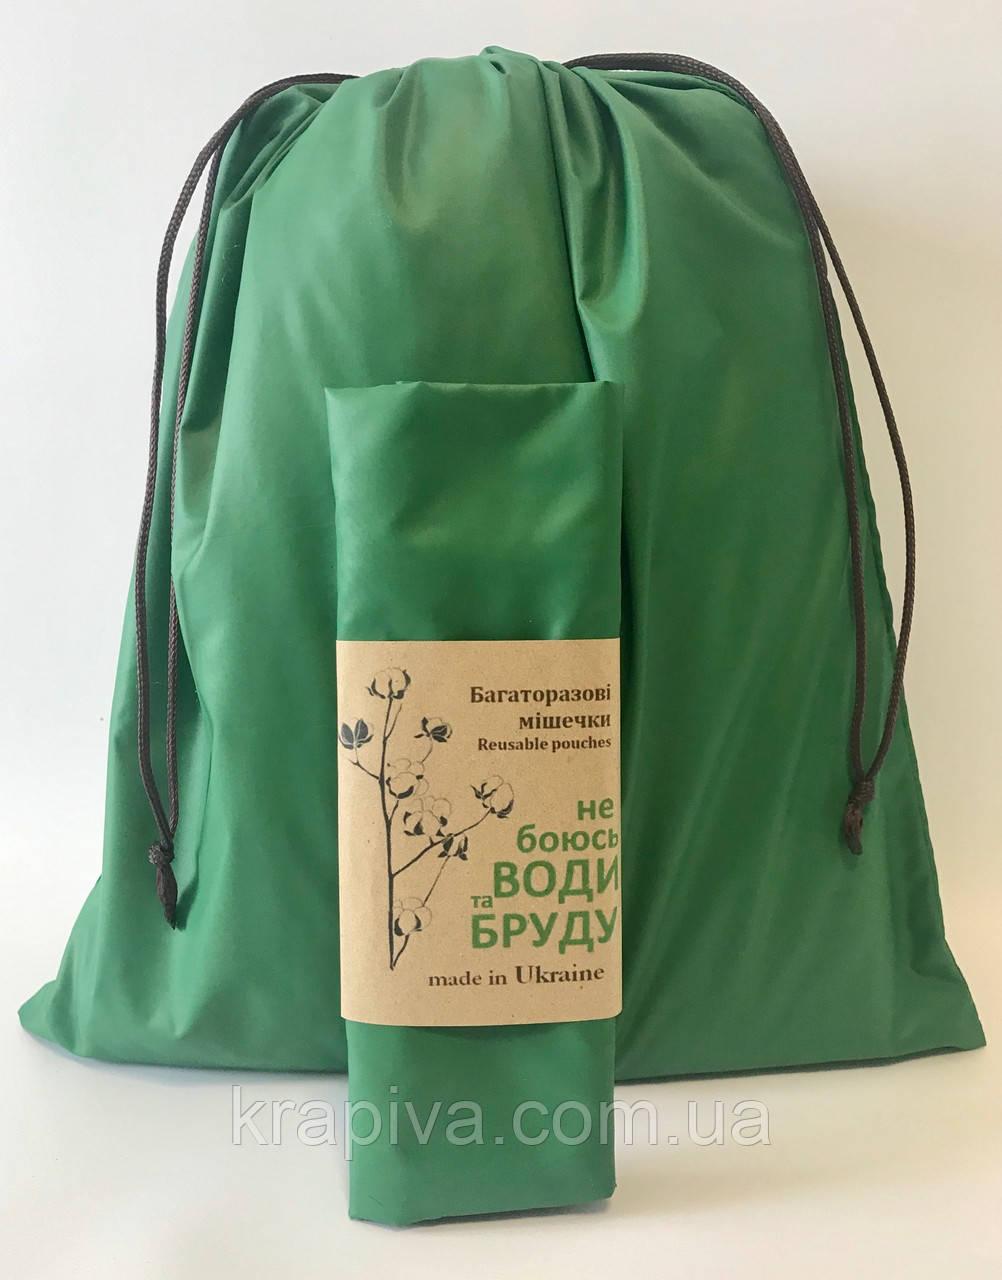 Мешок для обуви, экомешок для вещей и продуктов, еко торбинка, эко-мешок, мешок для игрушек